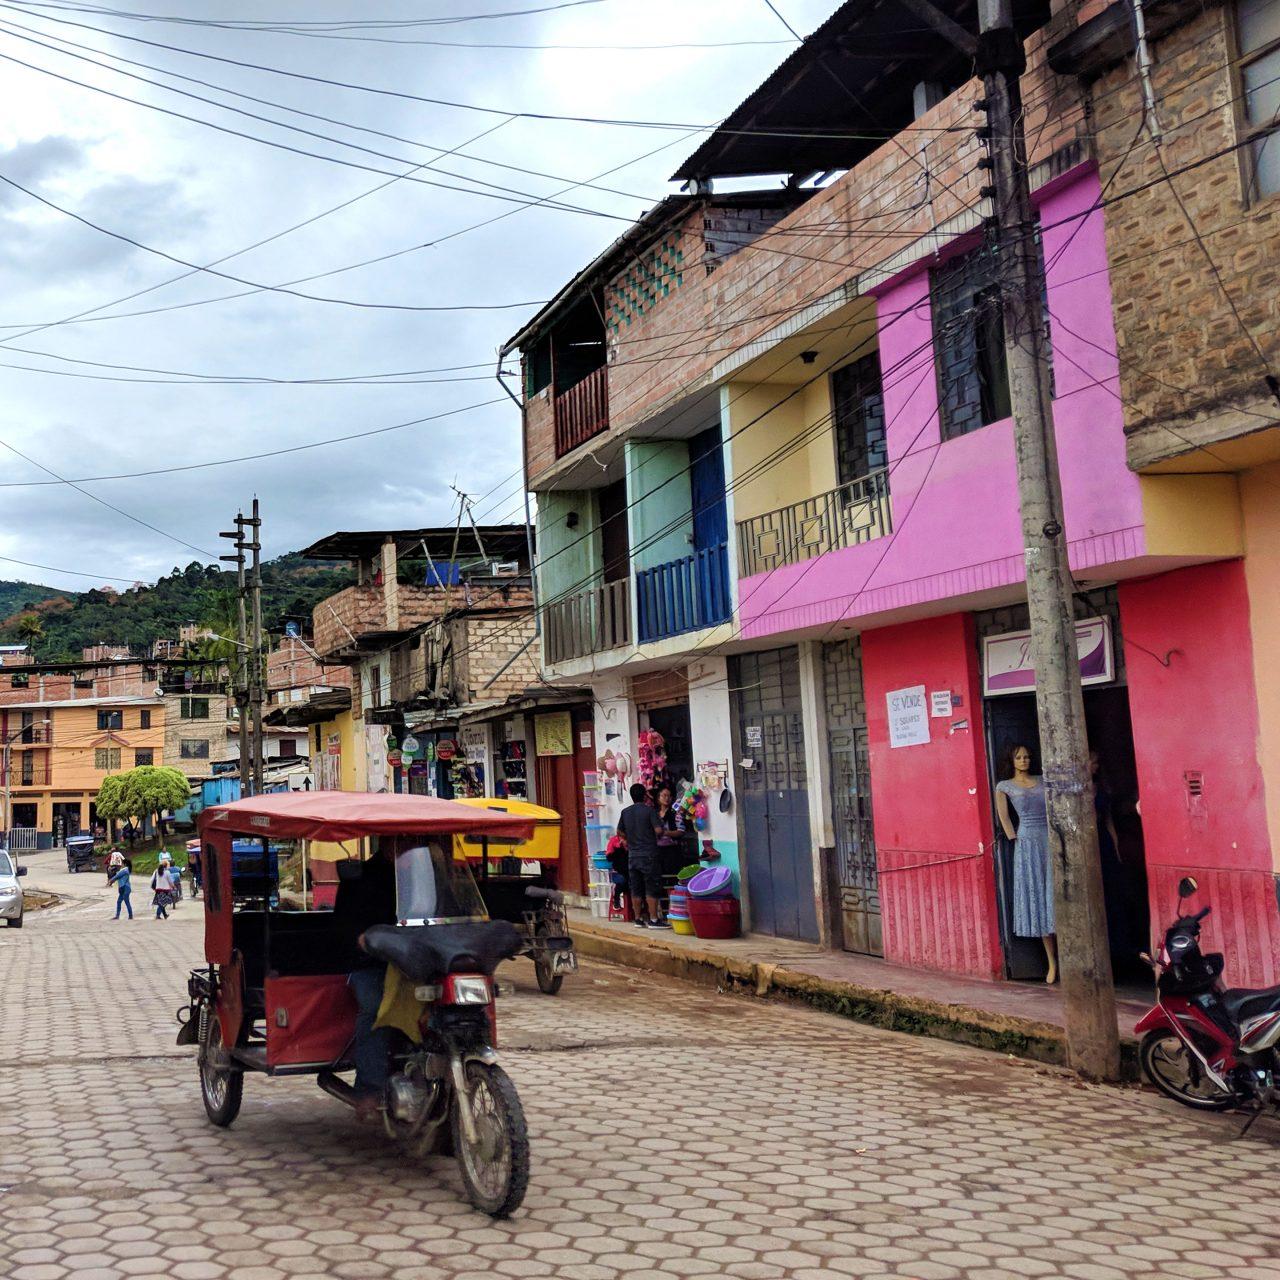 A colorful street scene in the Cajarmarca region of Peru